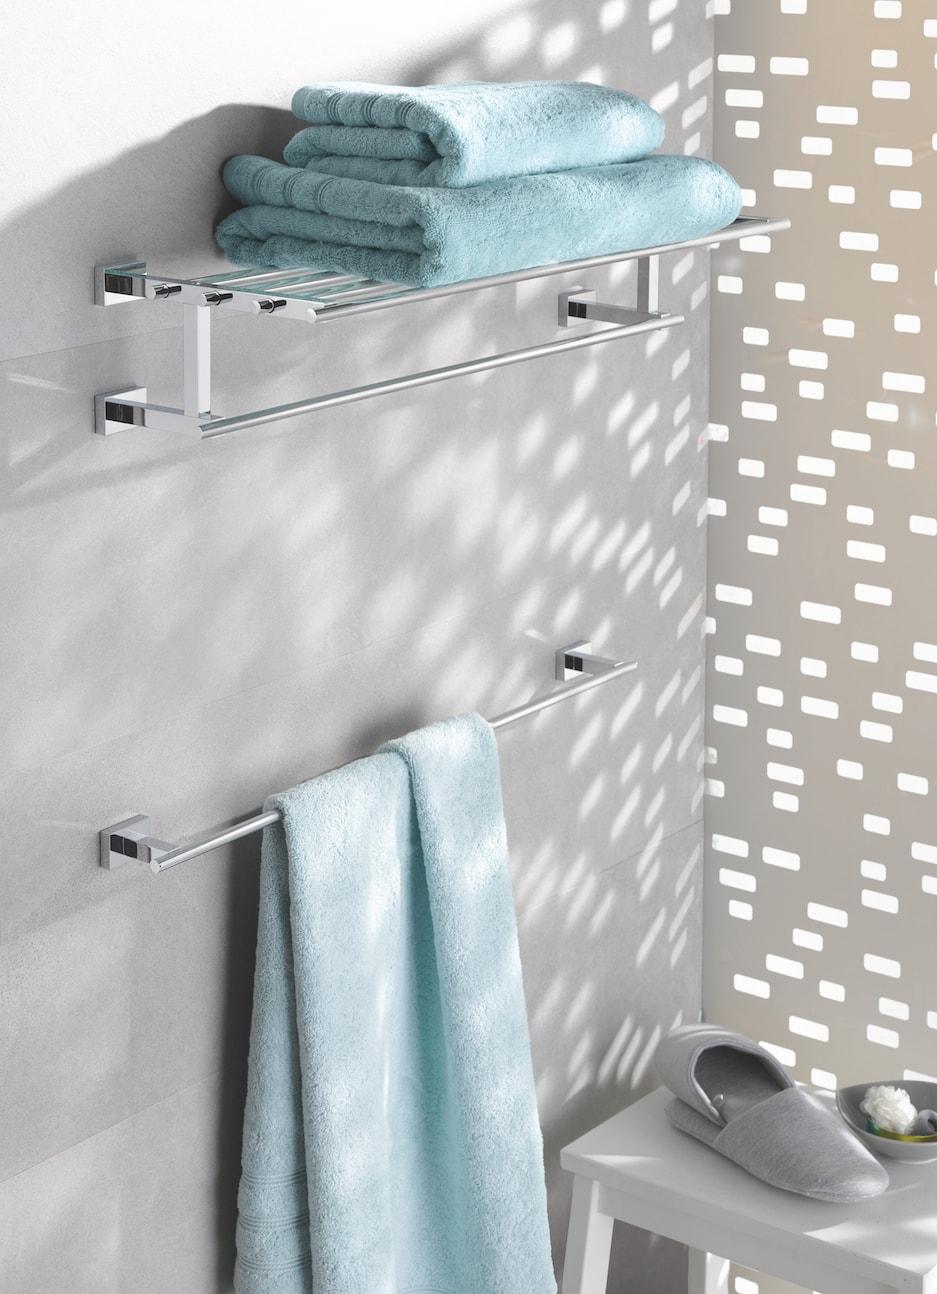 łazienkowe uchwyty na ręcznik